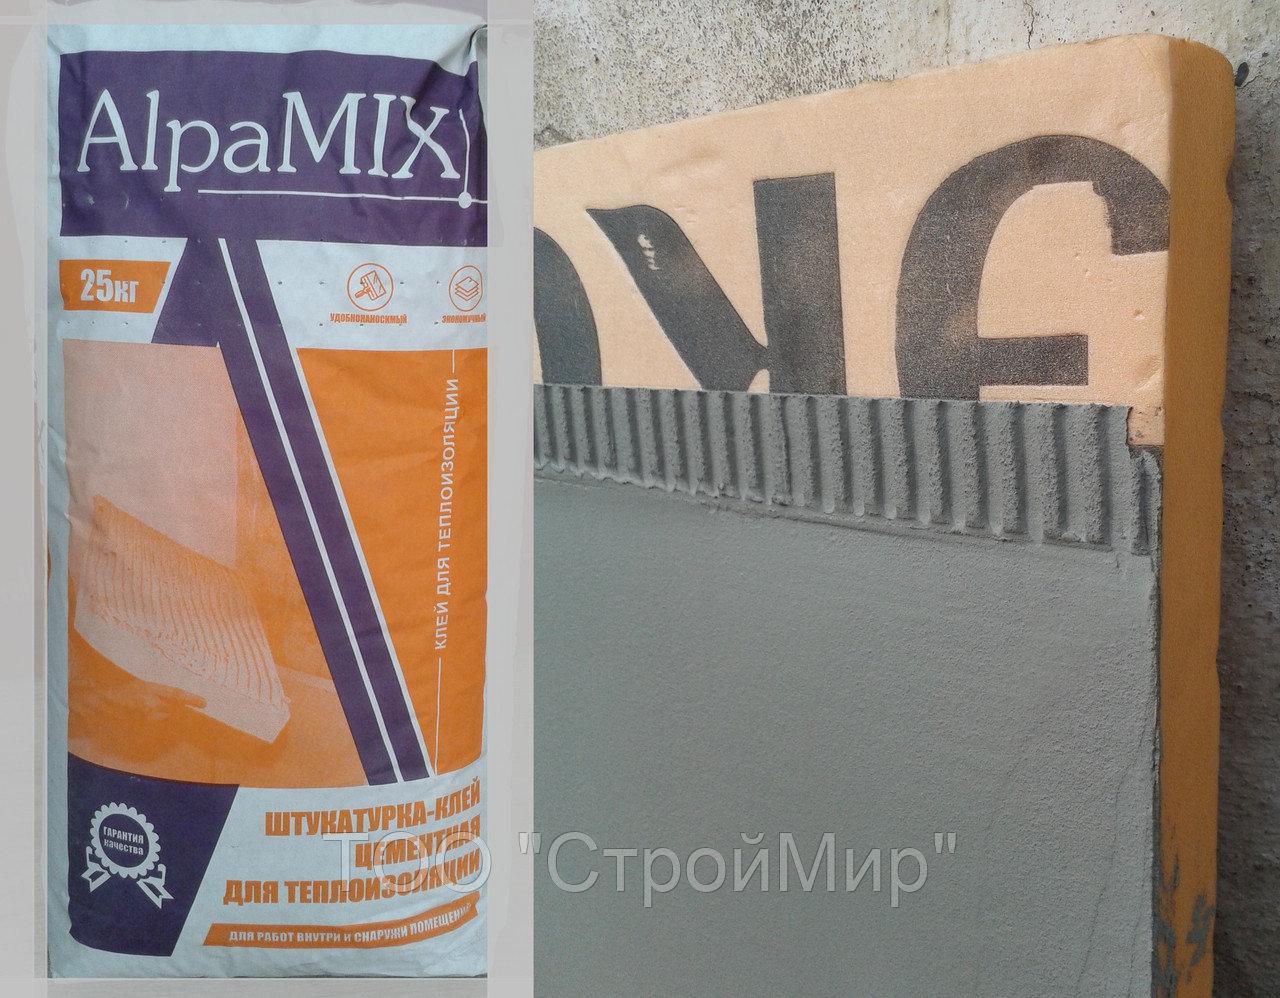 Клей штукатурный для теплоизоляции пеноплэкса и каменной ваты минплиты в Алматы